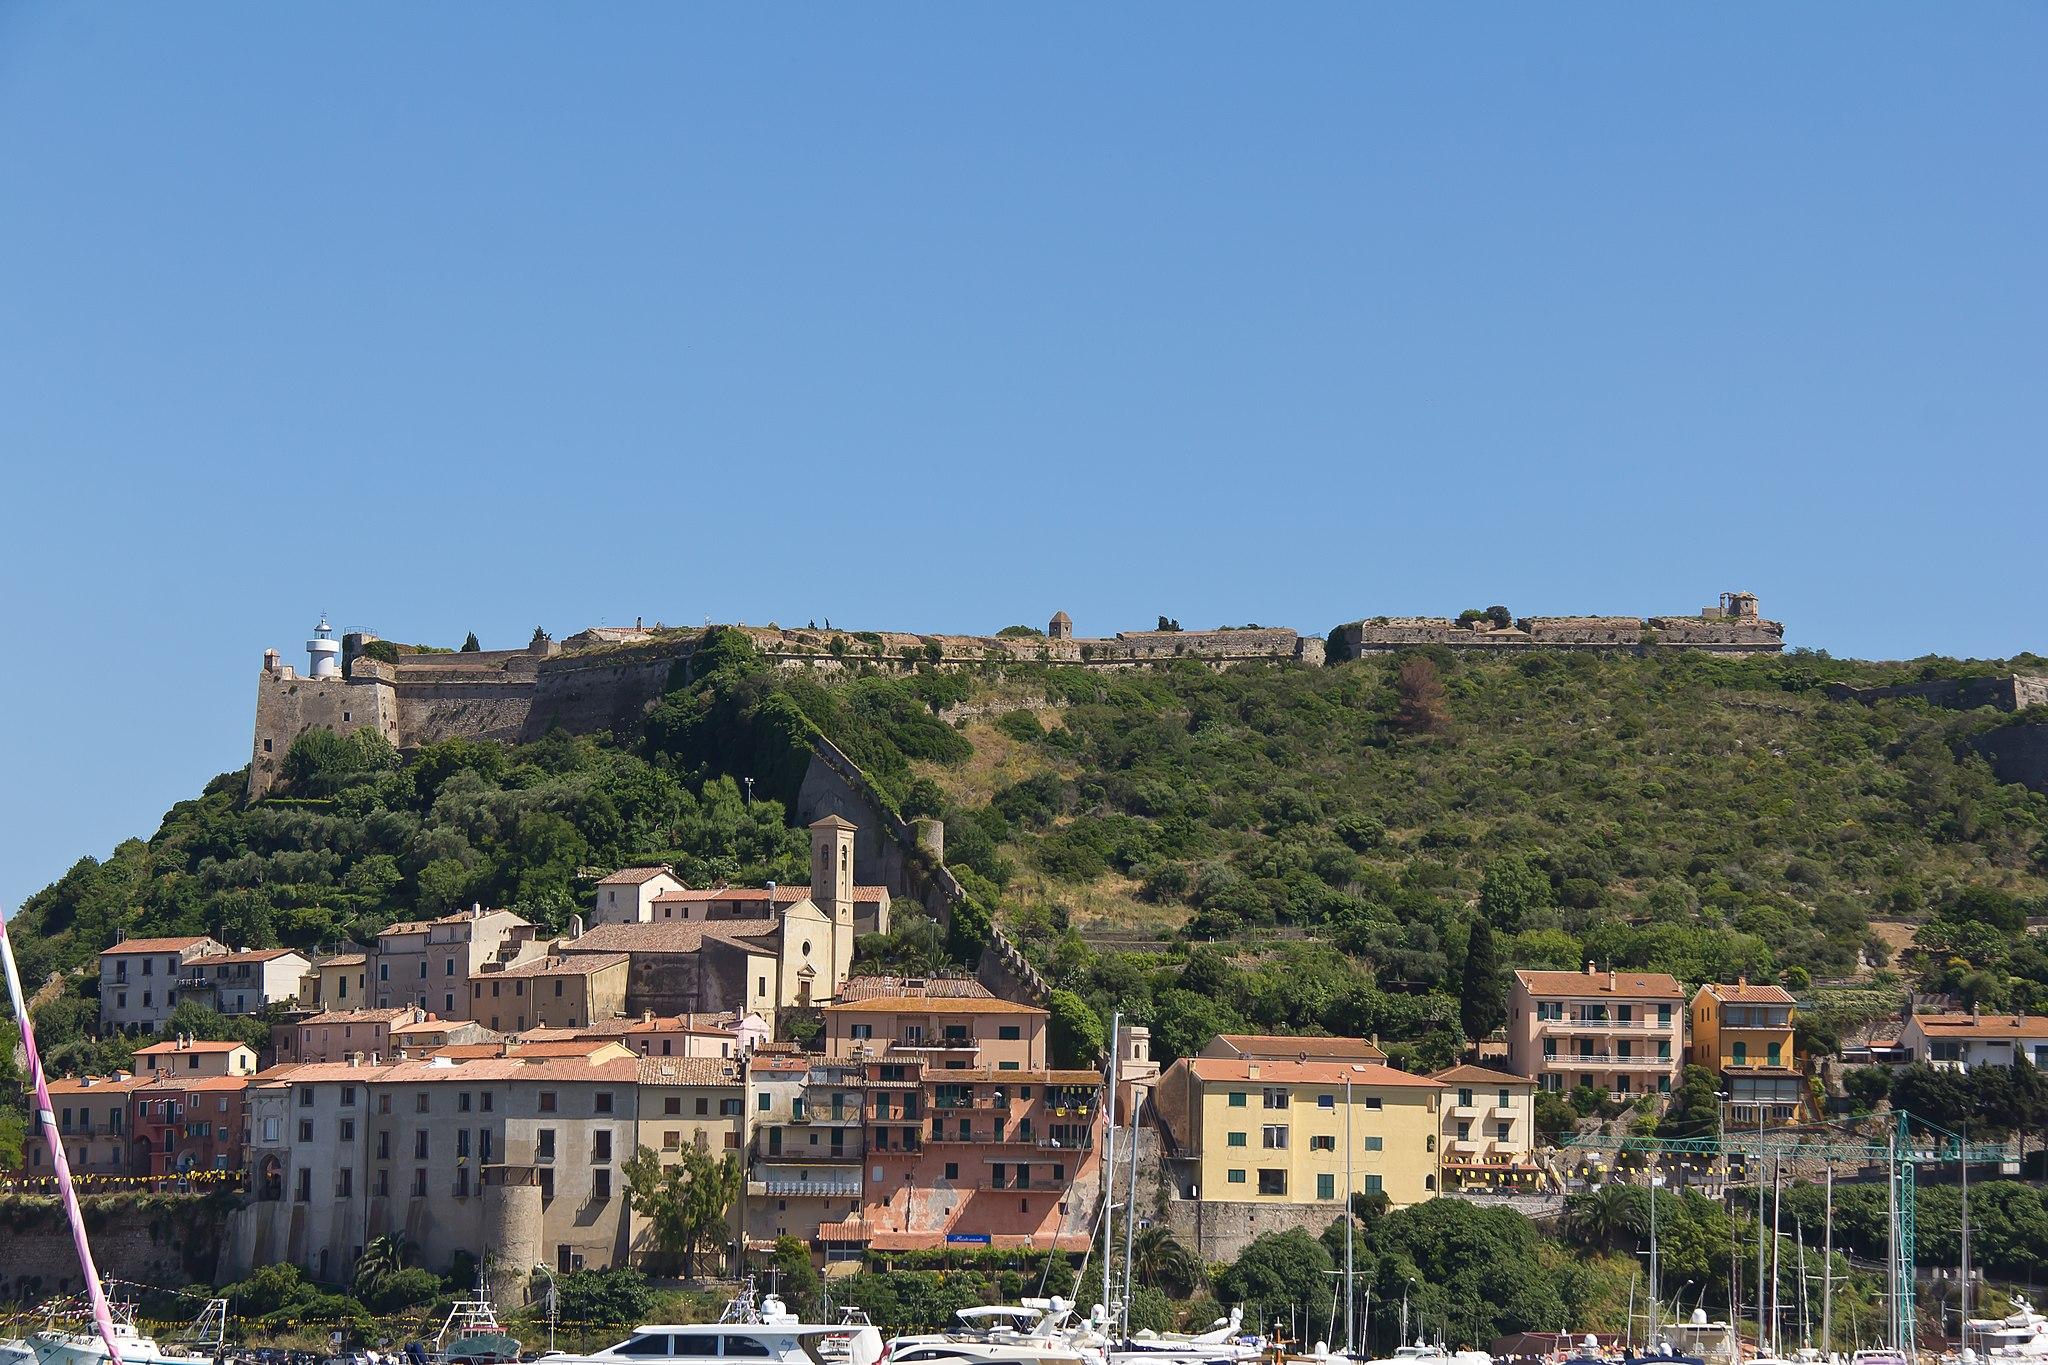 Porto Ercole - Rocca aldobrandesca